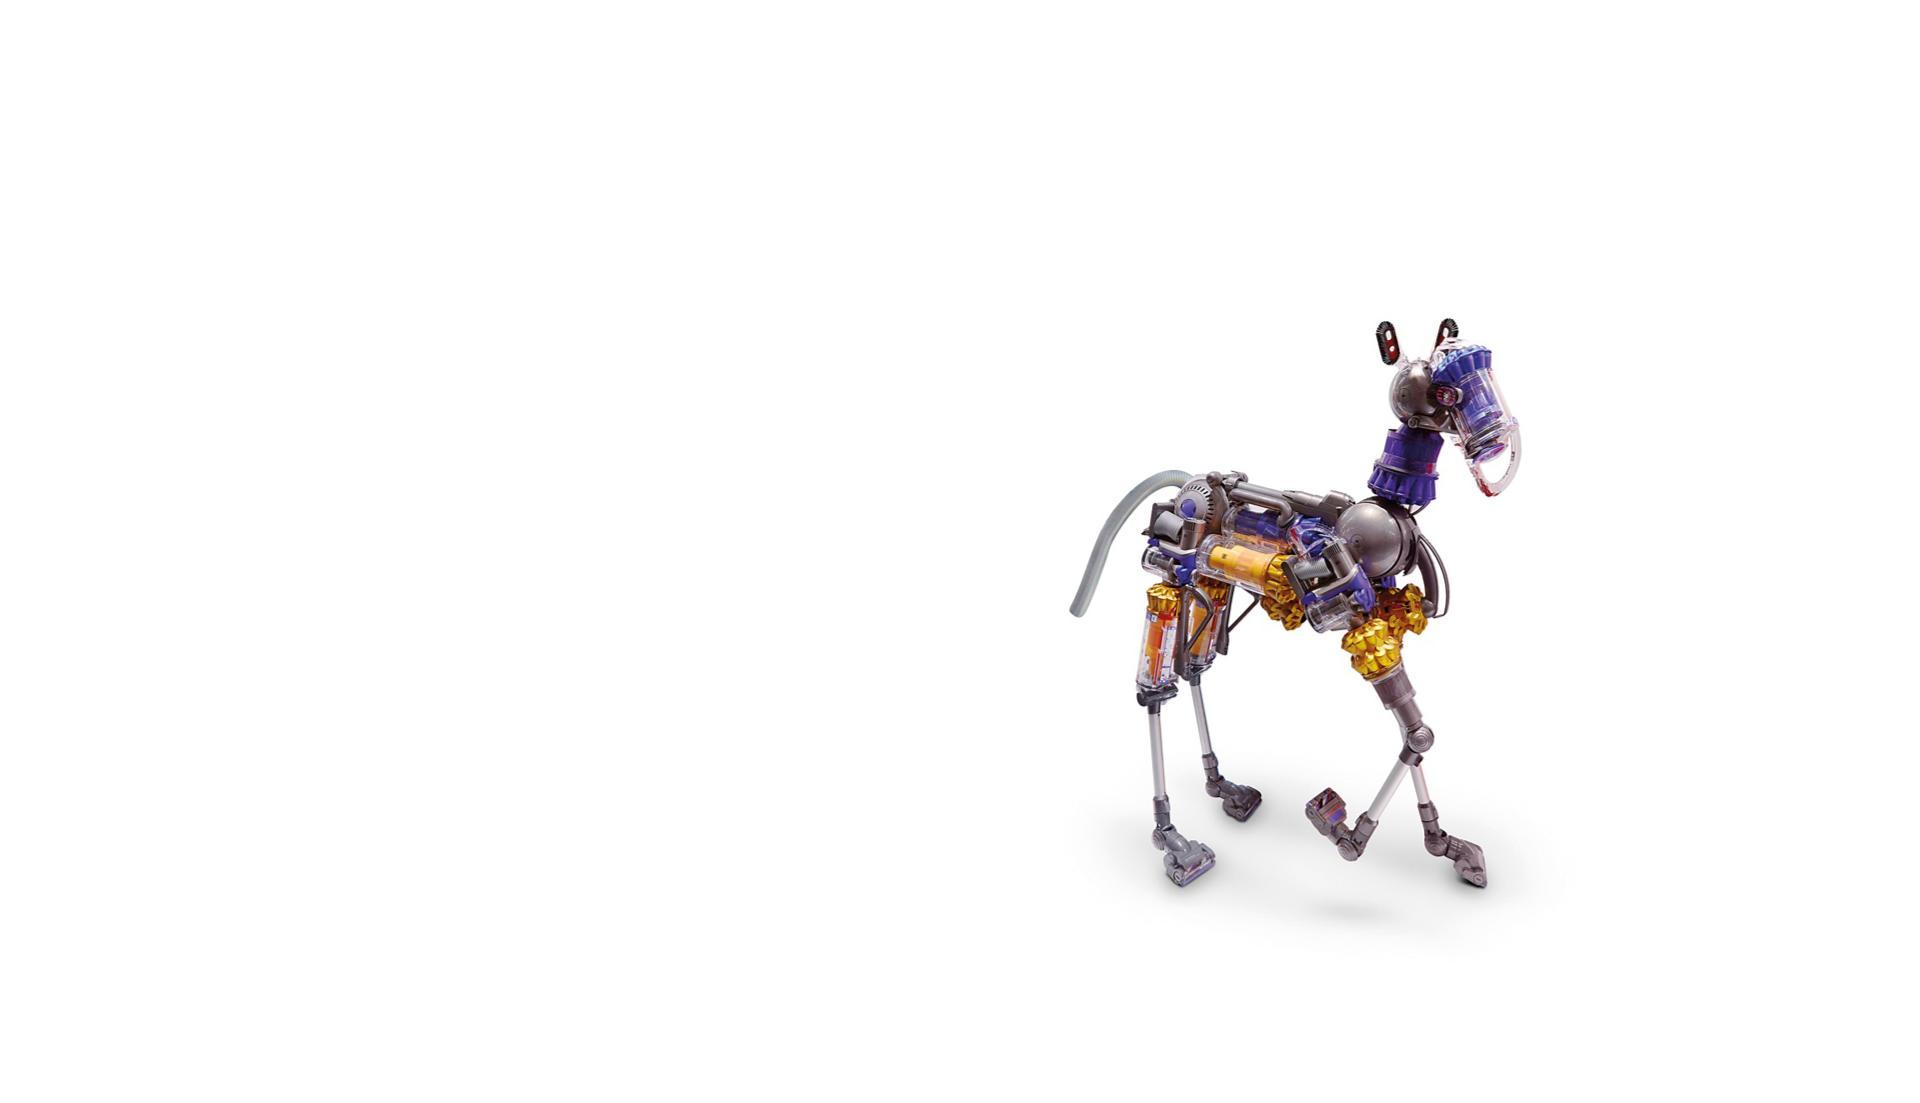 Các máy hút bụi Dyson được lắp ghép thành một chú ngựa